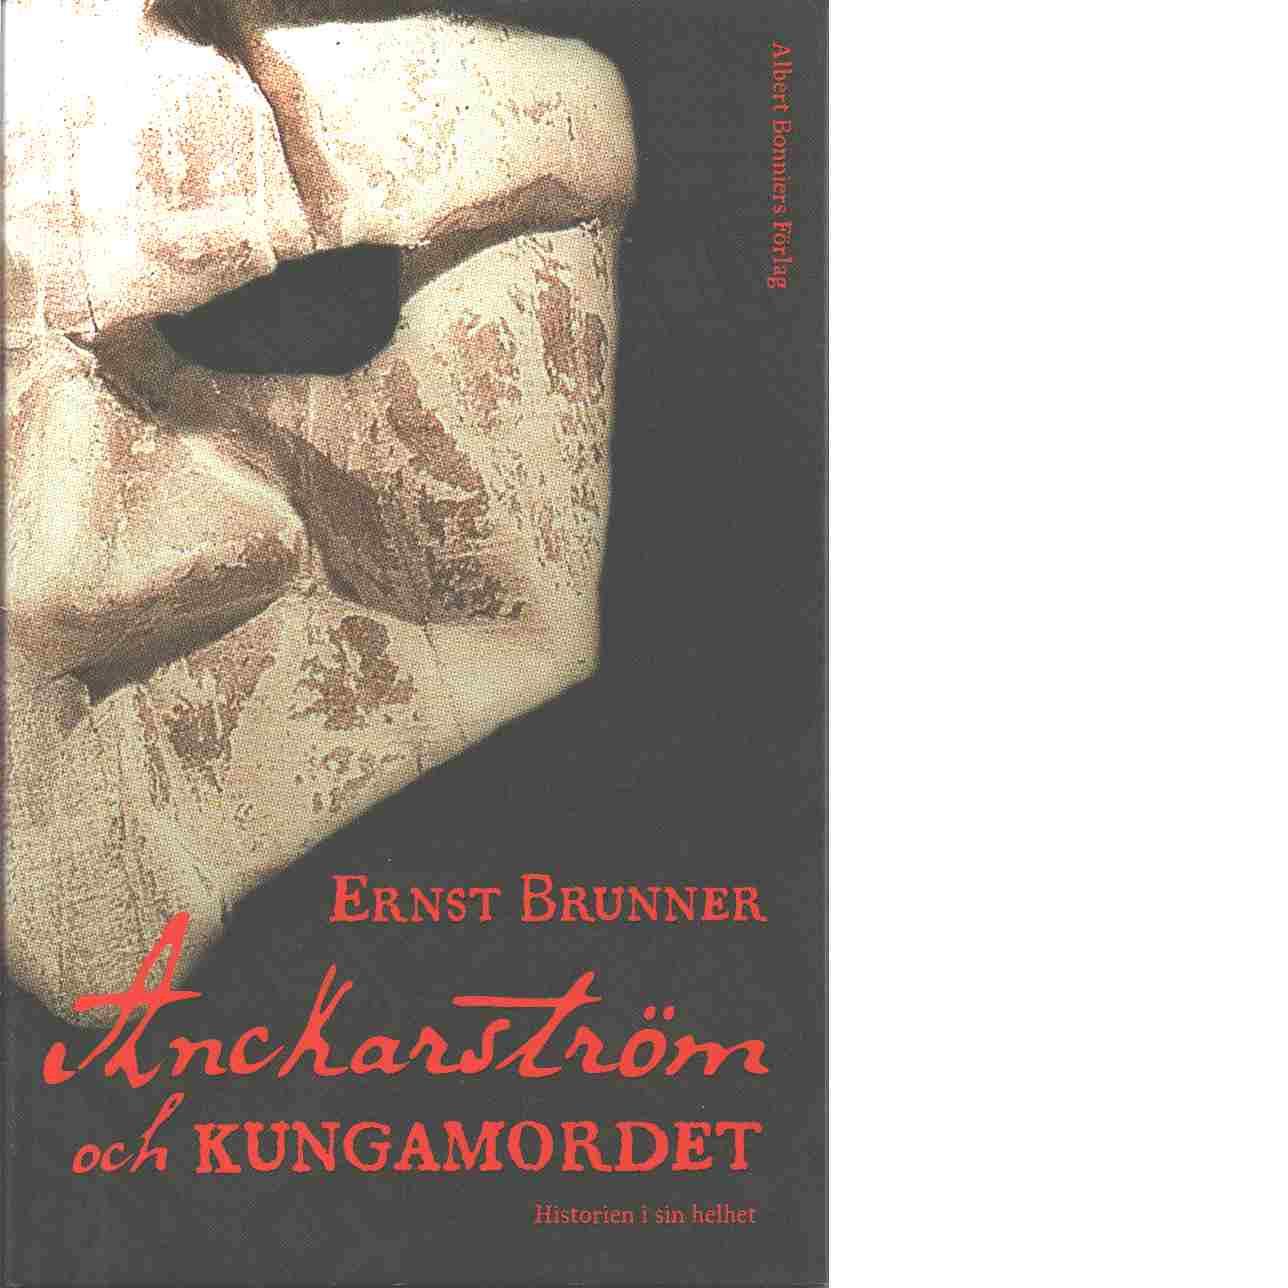 Anckarström och kungamordet : historien i sin helhet - Brunner, Ernst